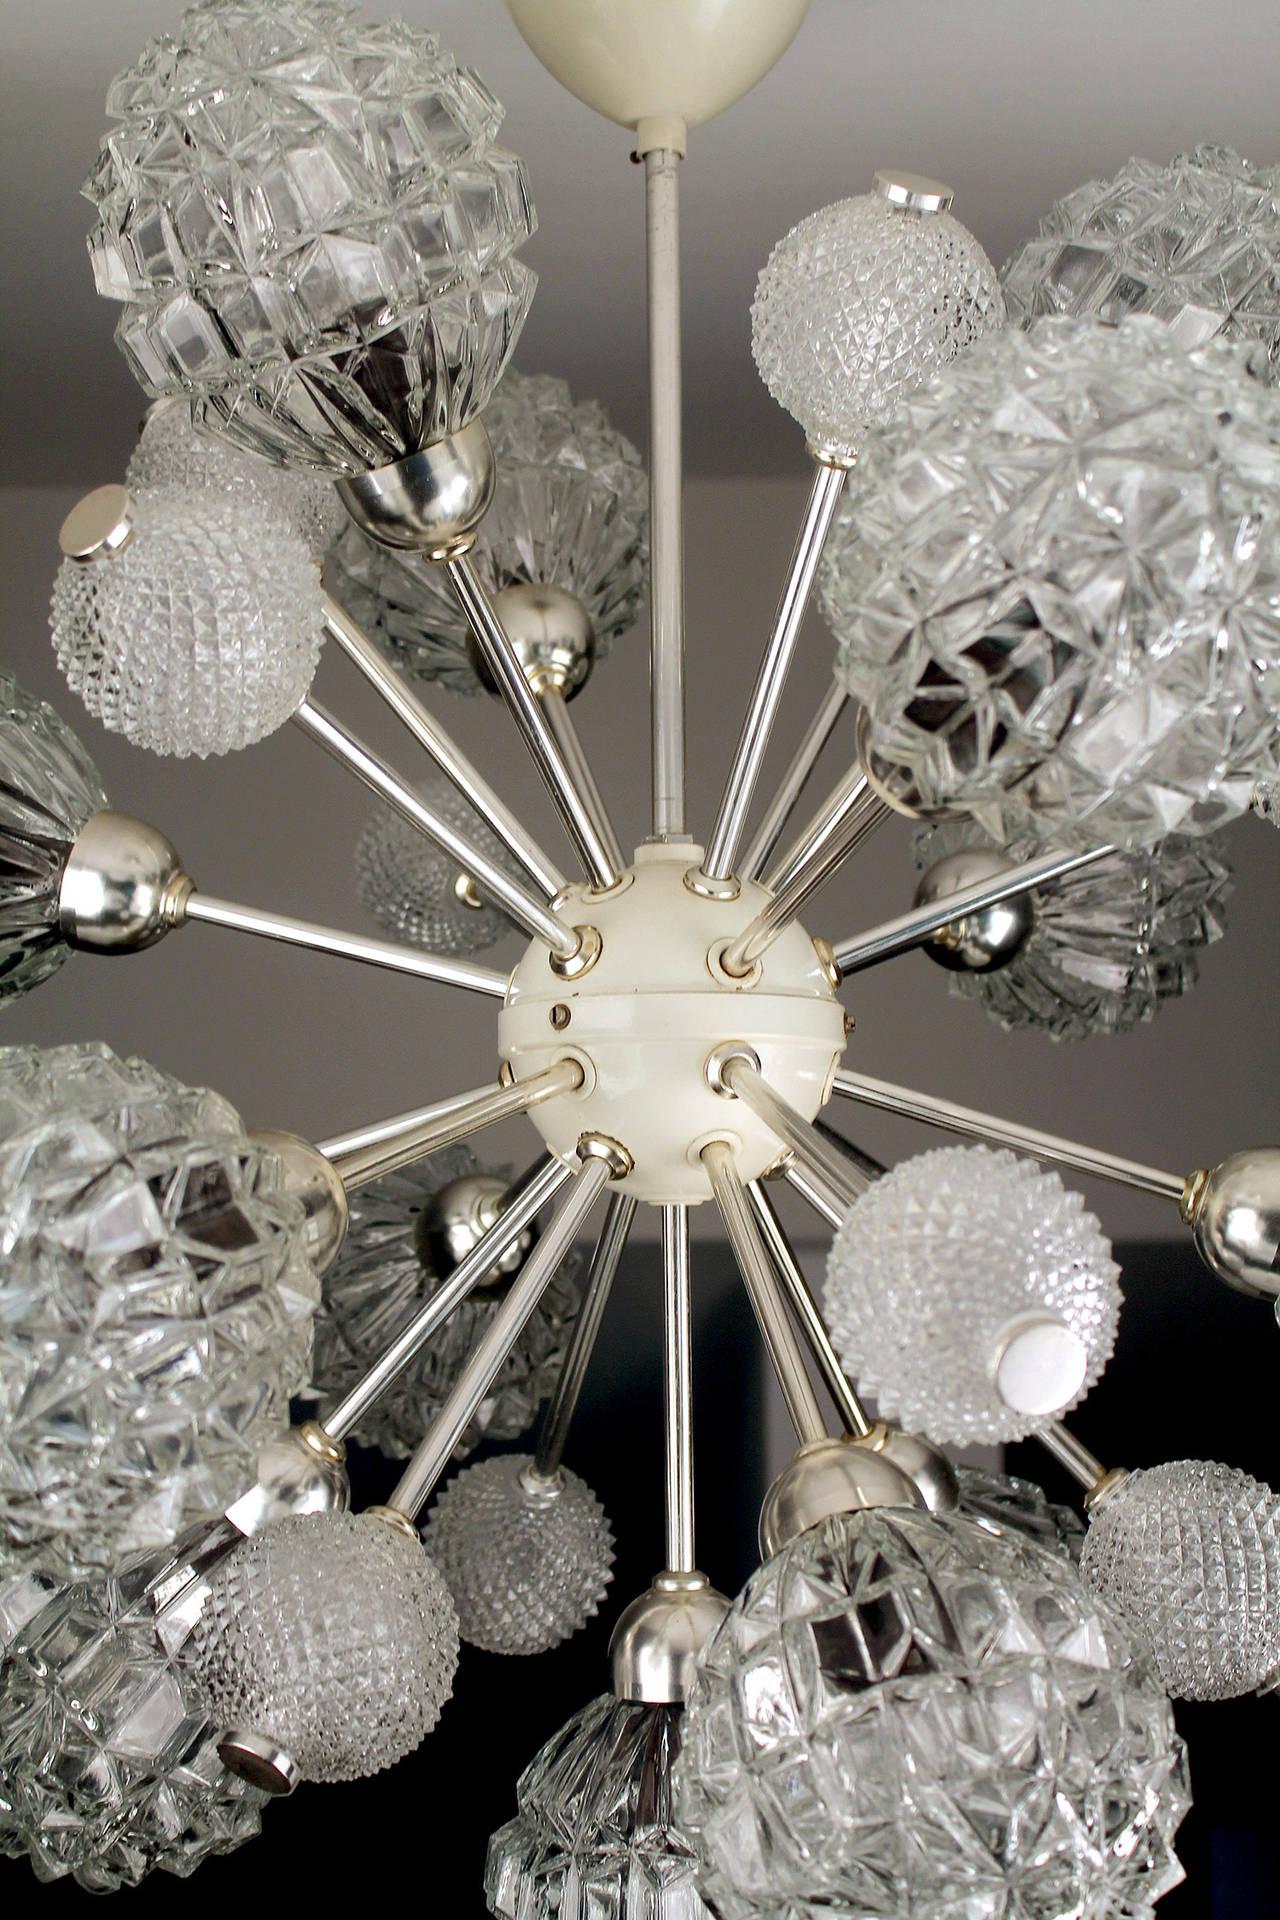 Mid-20th Century  Large Sunburst Glass Chandelier,  1960s Modernist  Stilnovo Style Pendant Lamp  For Sale